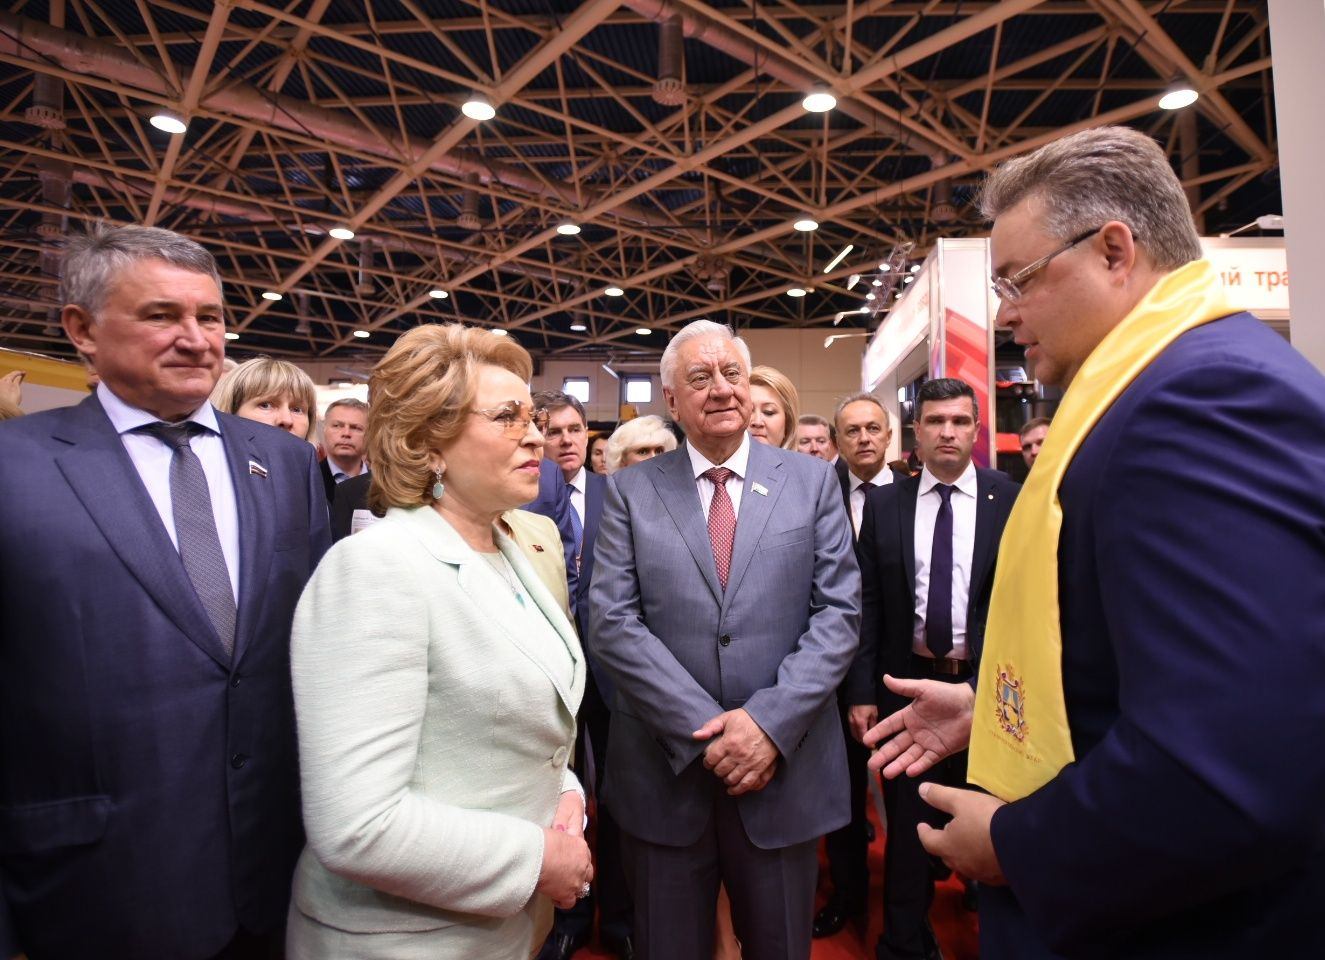 Виктор Толоконский учавствует в пленуме регионов Российской Федерации и Республики Беларусь в столице